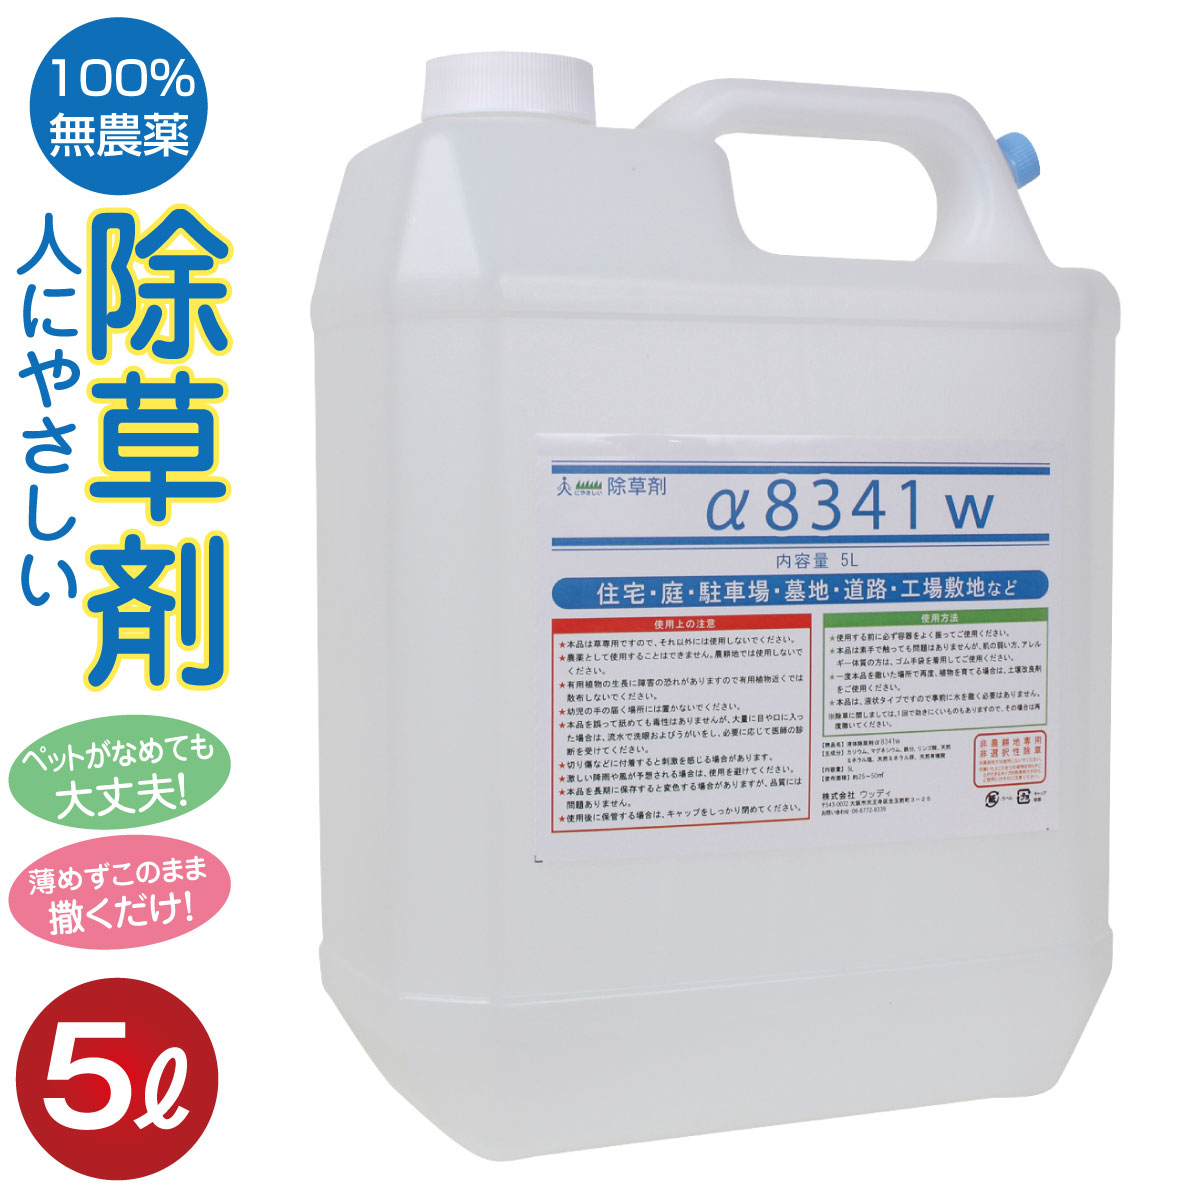 除草剤 人にやさしい除草剤 無農薬 5リットル 雑草対策 jyosouzai-5l